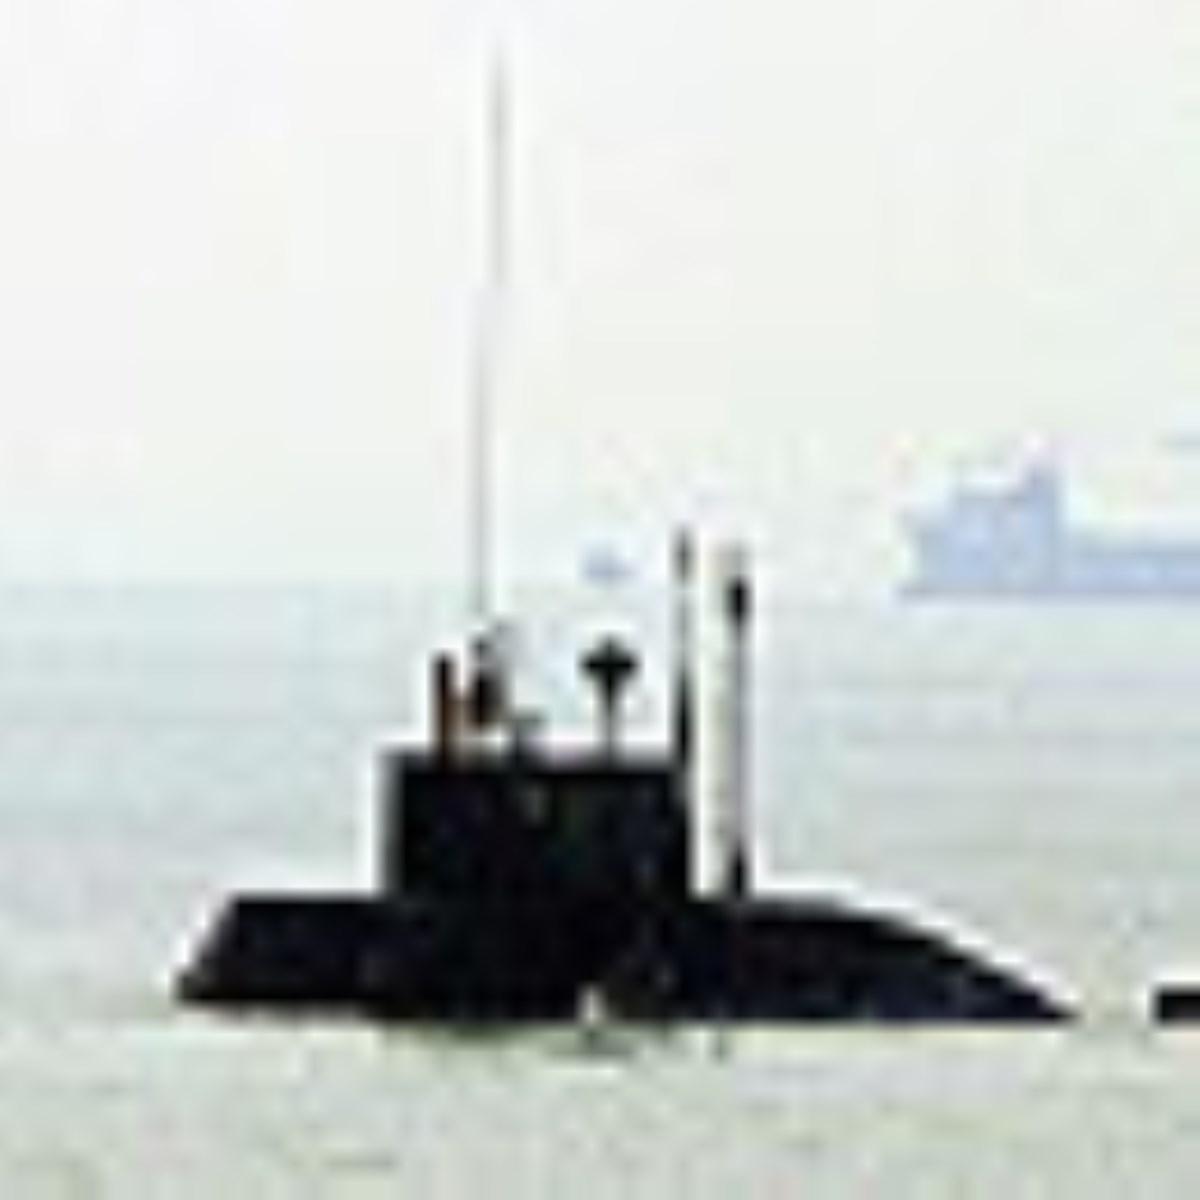 تسلیحات نظامی ایران(12): زیر دریایی های ایران